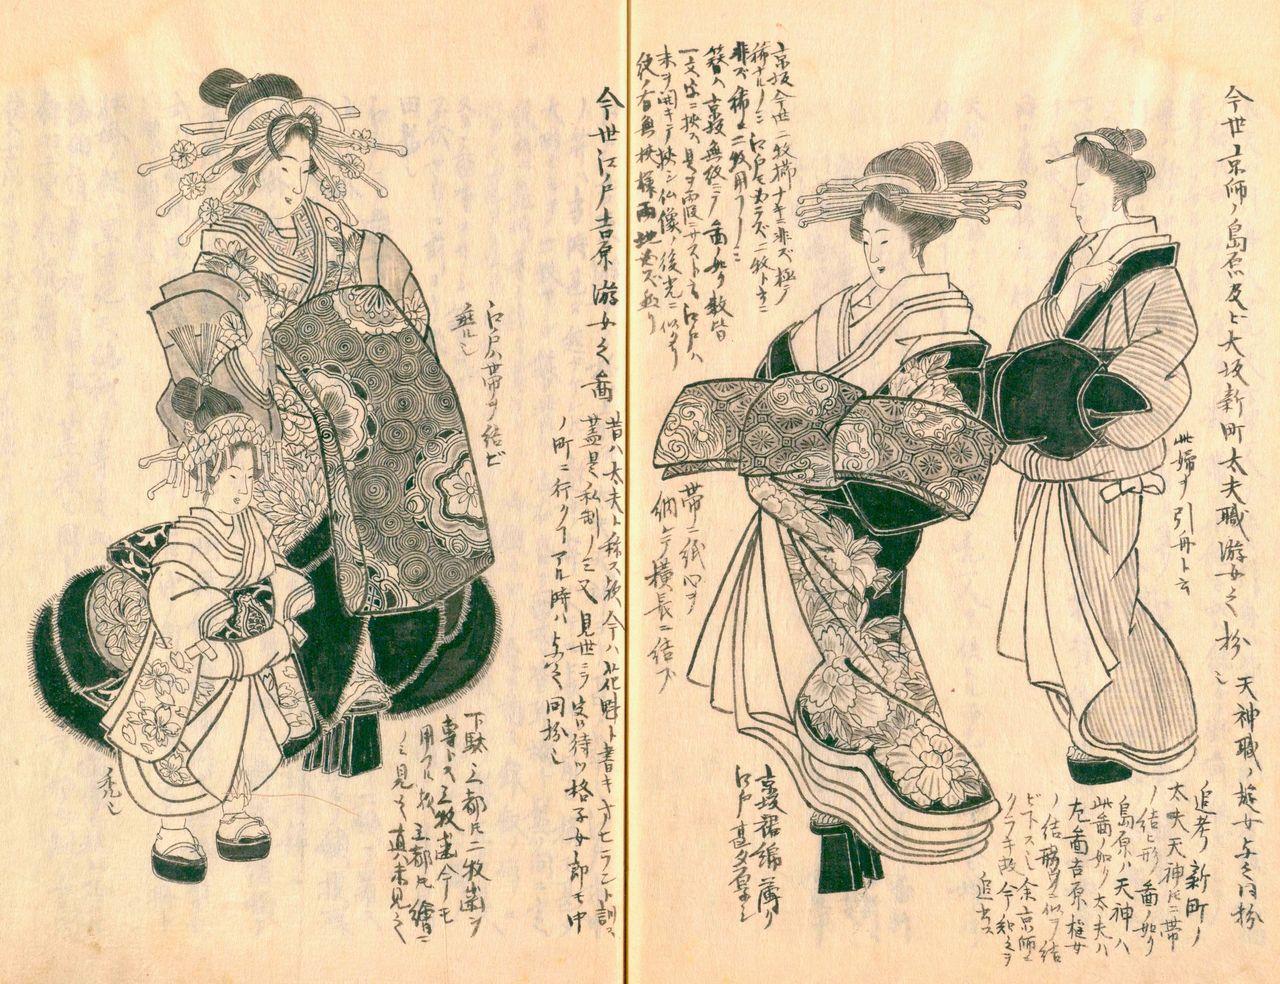 Справа – «Изображение нынешних куртизанок таю Симабары в Киото и Симмати в Осаке», слева – «Нынешние куртизанки Ёсивары в Эдо», изображение куртизанок ойран («Морисада манко», Национальная парламентская библиотека)